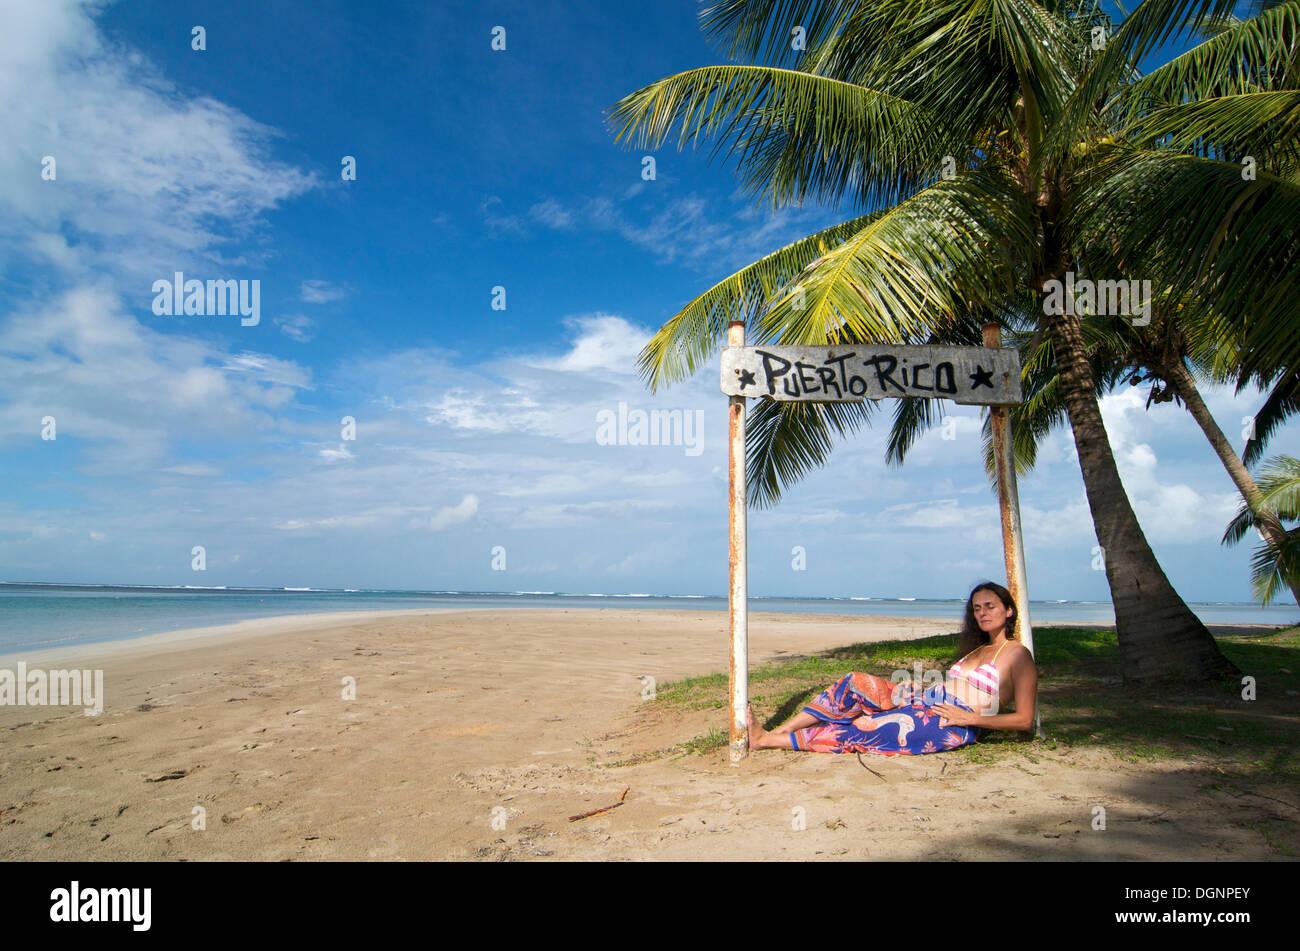 Turista que yacía bajo un cartel con las palabras de Puerto Rico, la playa Luquillo, Puerto Rico, el Caribe Imagen De Stock